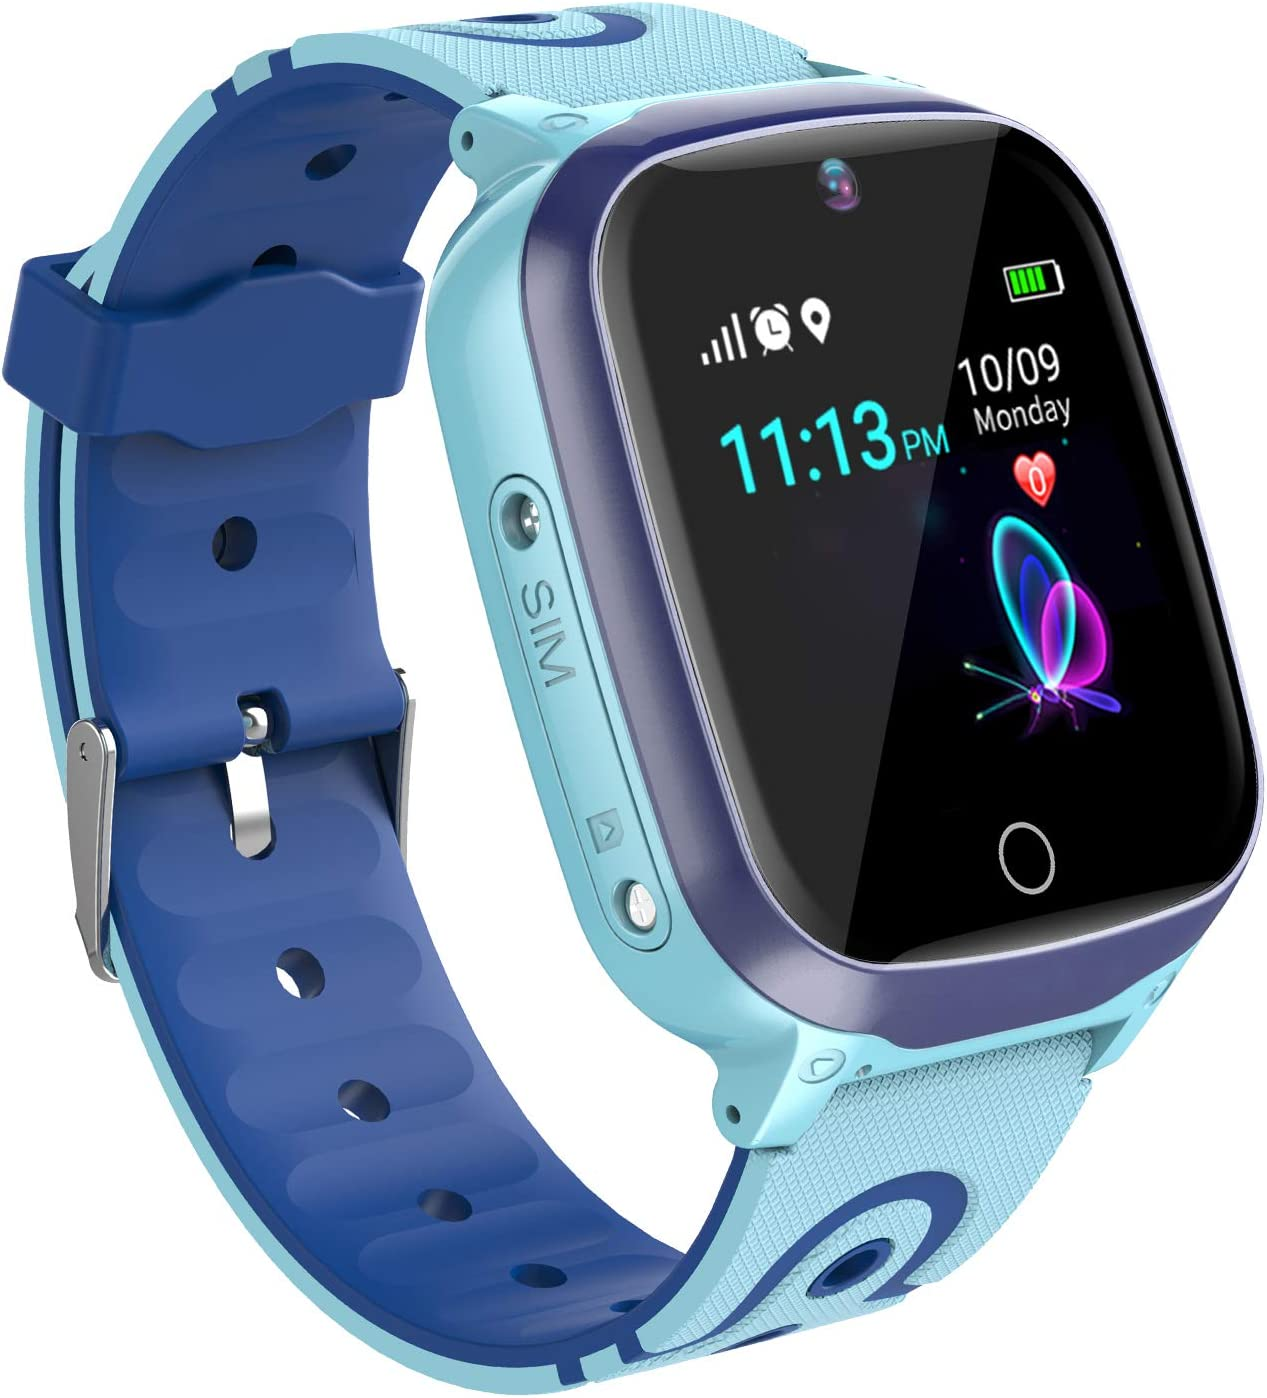 Relojes para Ninos GPS Tracker Inteligente- Smartwatch Niños GPS LBS Localizador SOS Voz Chat Cámara Pantalla Táctil HD Niño Niña Reloj GPS Niñode 4-12 Años Compatible con iOS/Android (Azul)